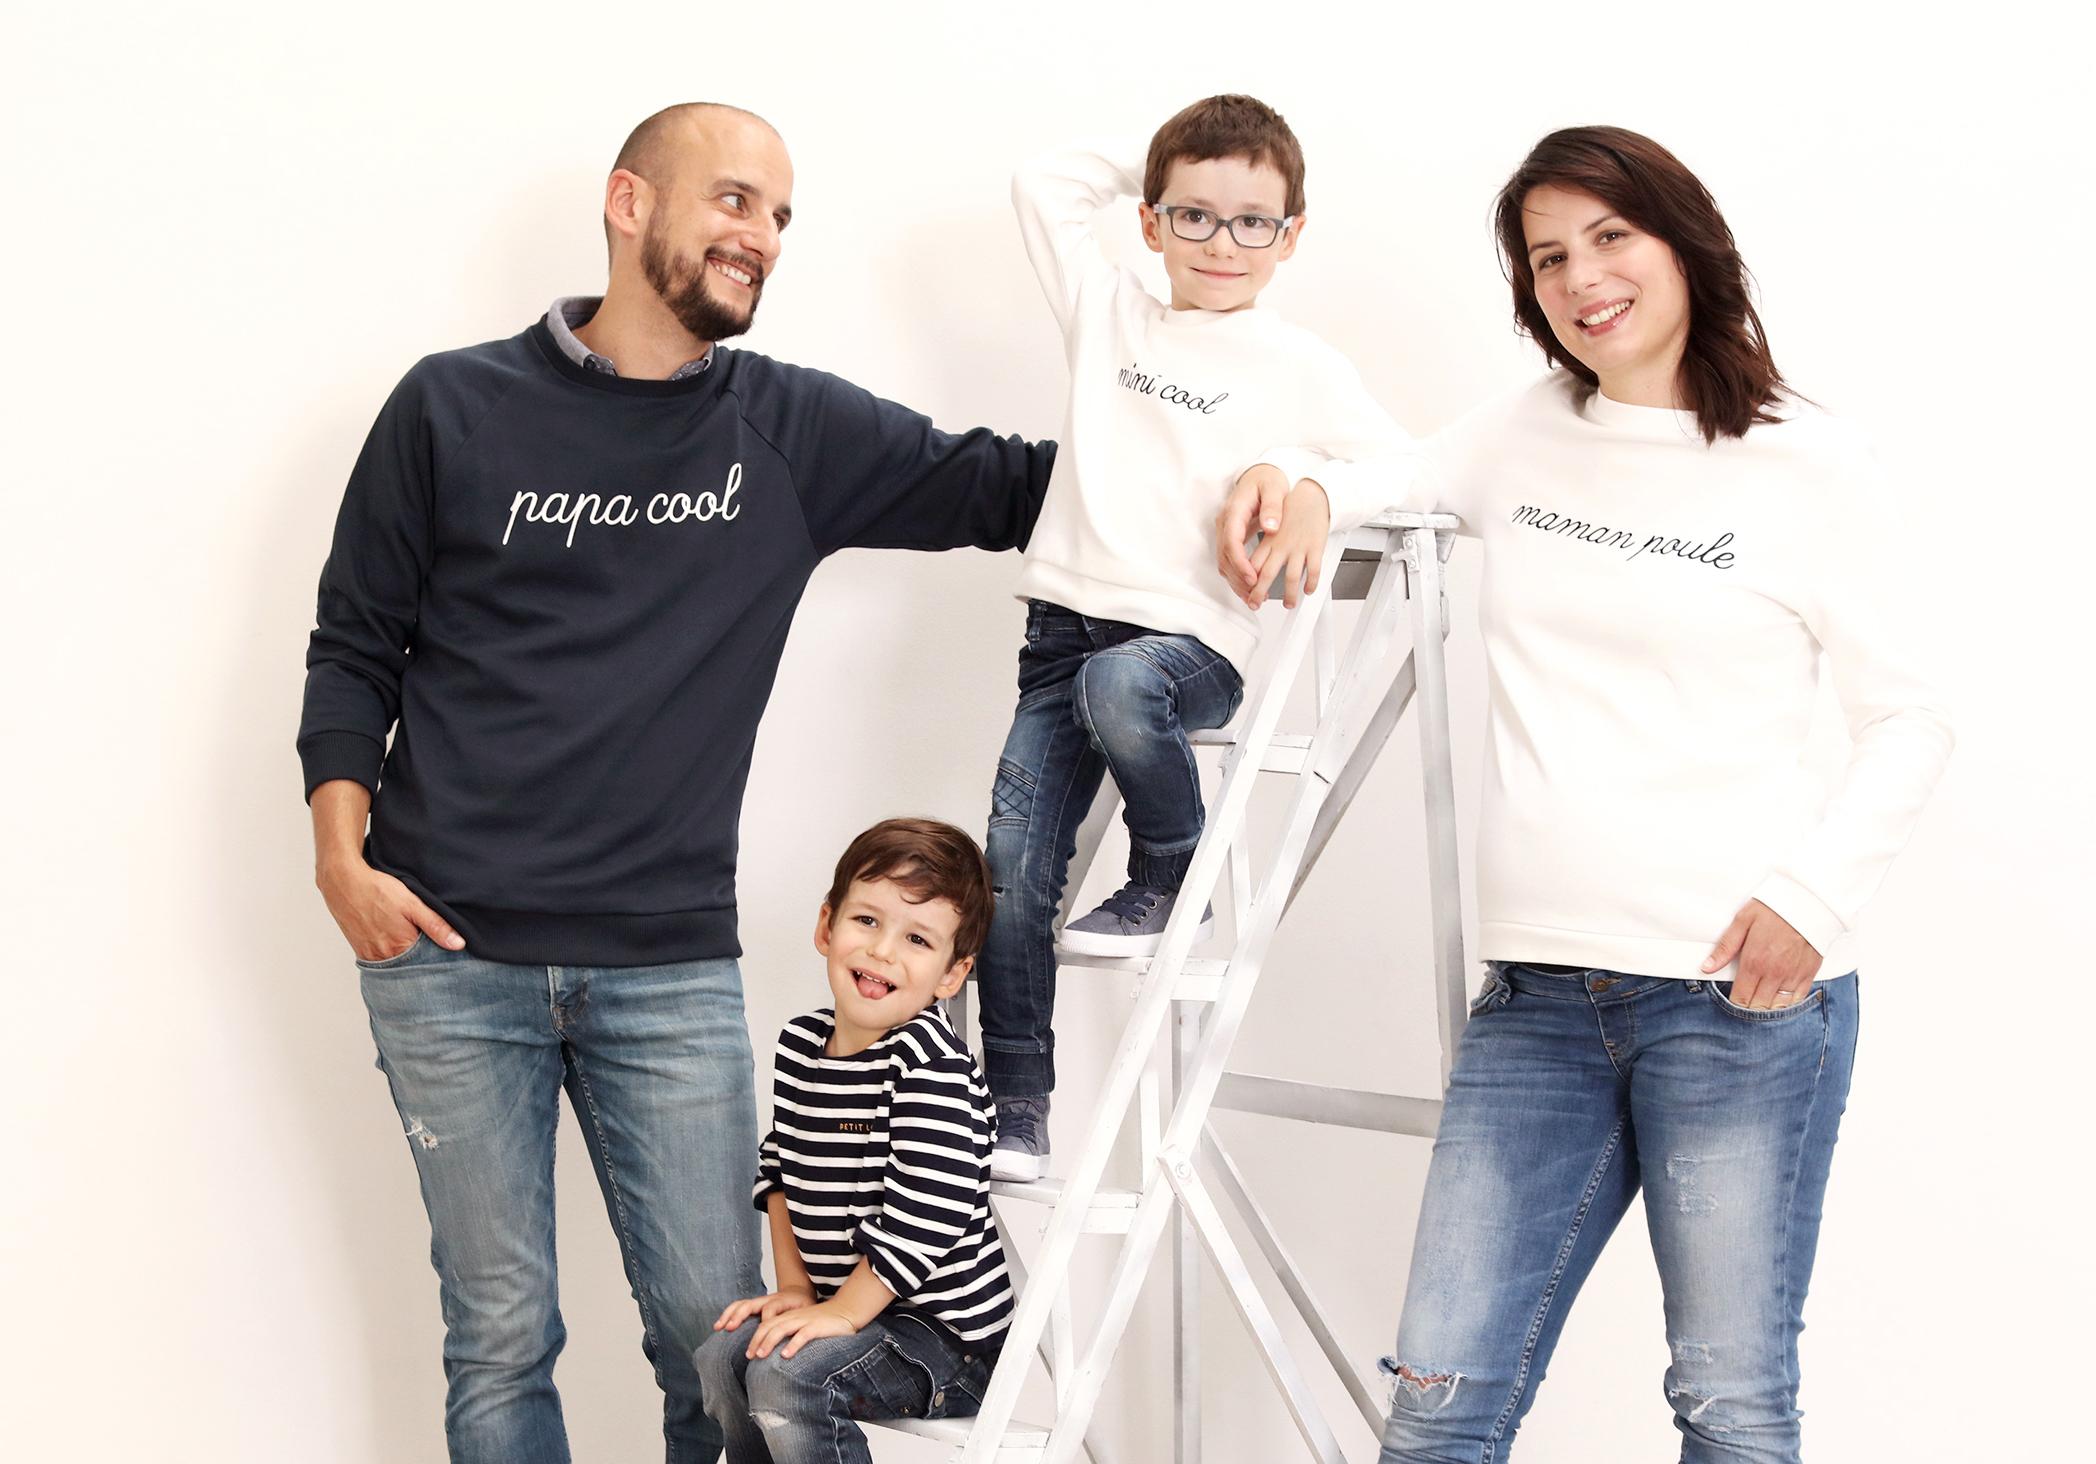 Maël, Maxence, Marie et Raphaël pour émoi émoi  (5)